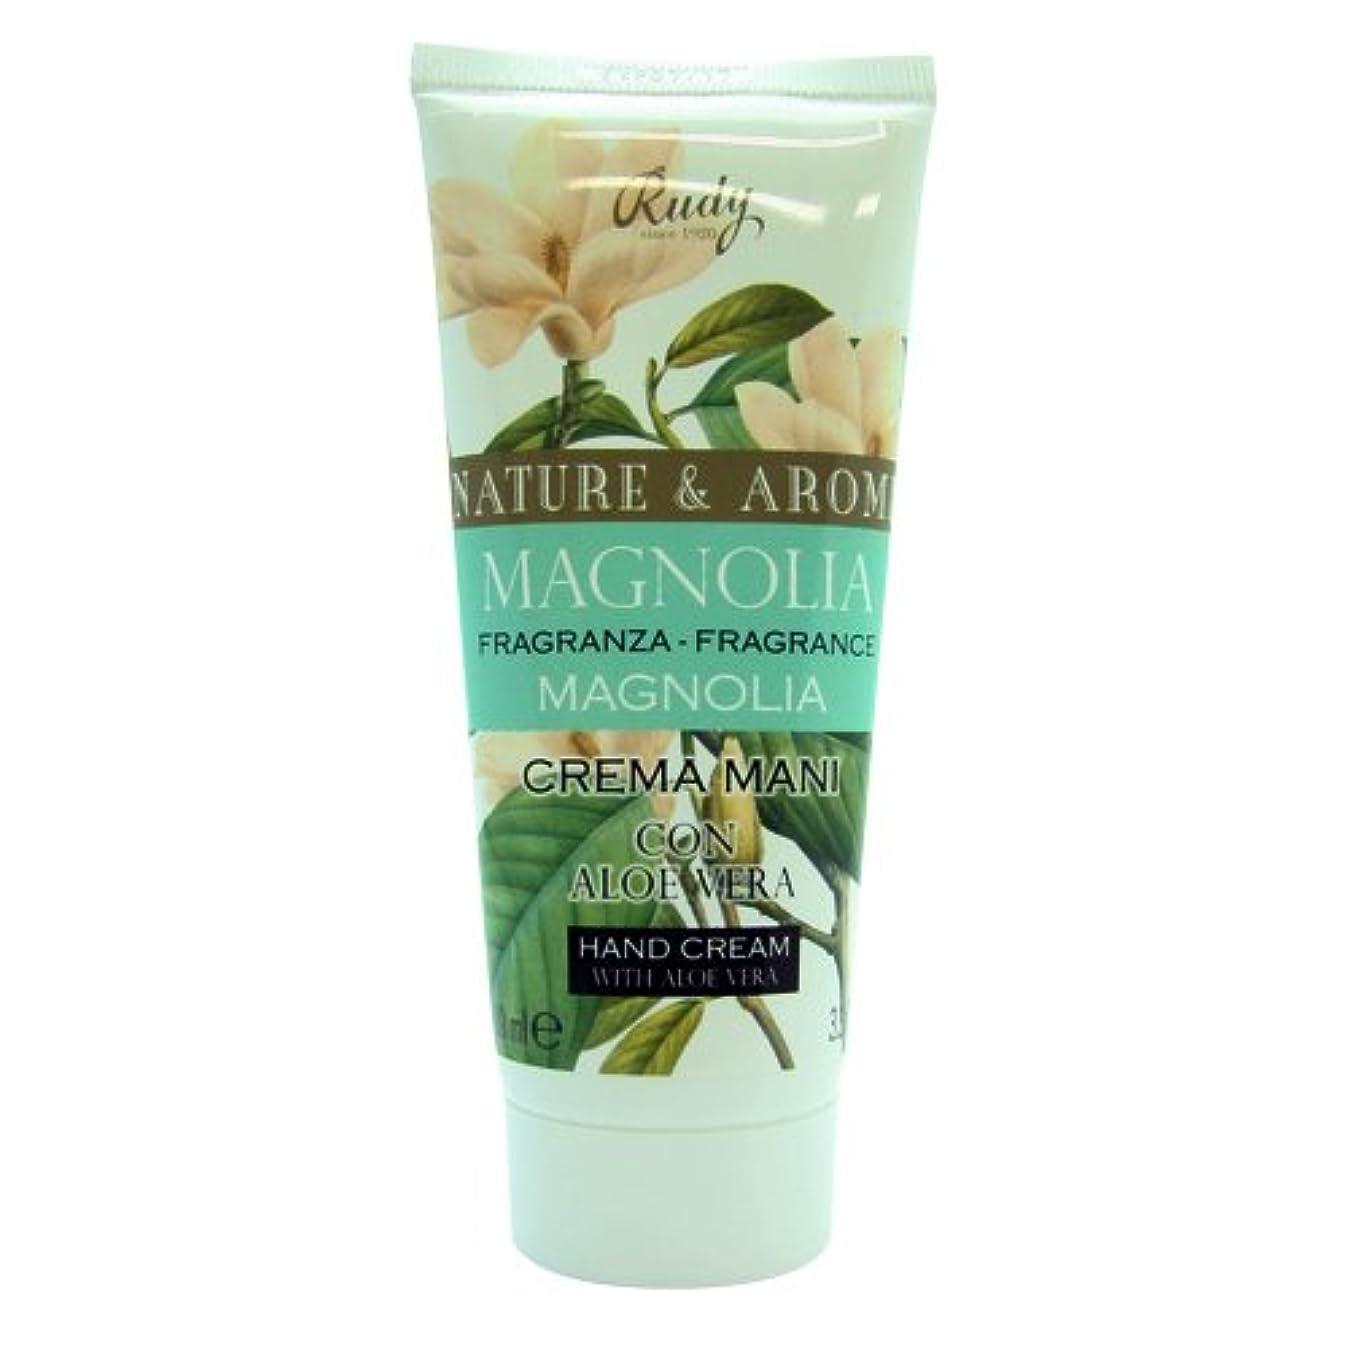 チーフ不利経験者RUDY Nature&Arome SERIES ルディ ナチュール&アロマ Hand Cream ハンドクリーム  Magnolia マグノリア